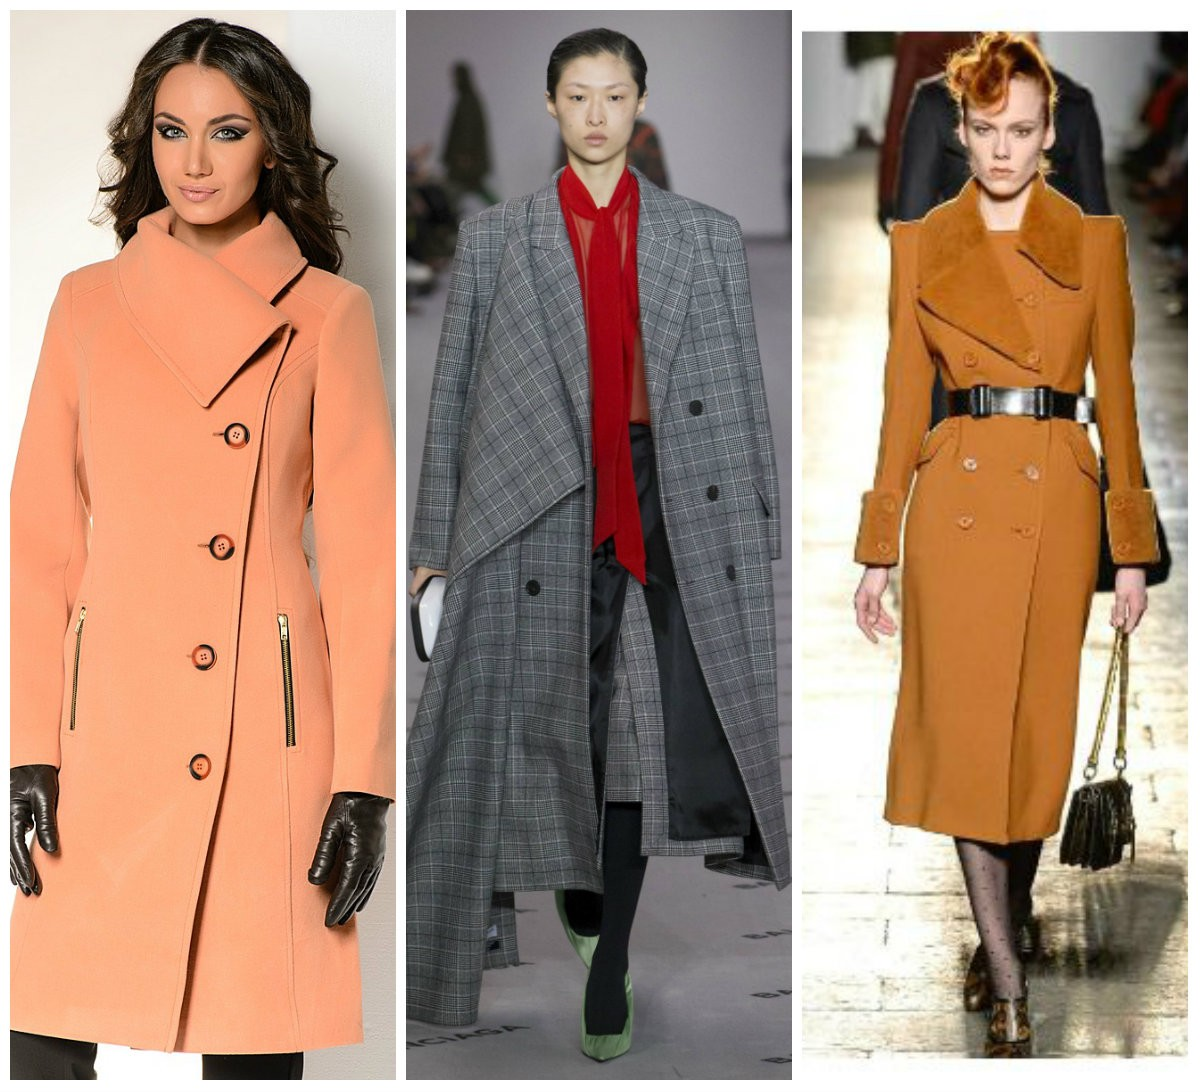 модное пальто с асимметричным воротником, асимметричными полочками, осень зима 2017 2018